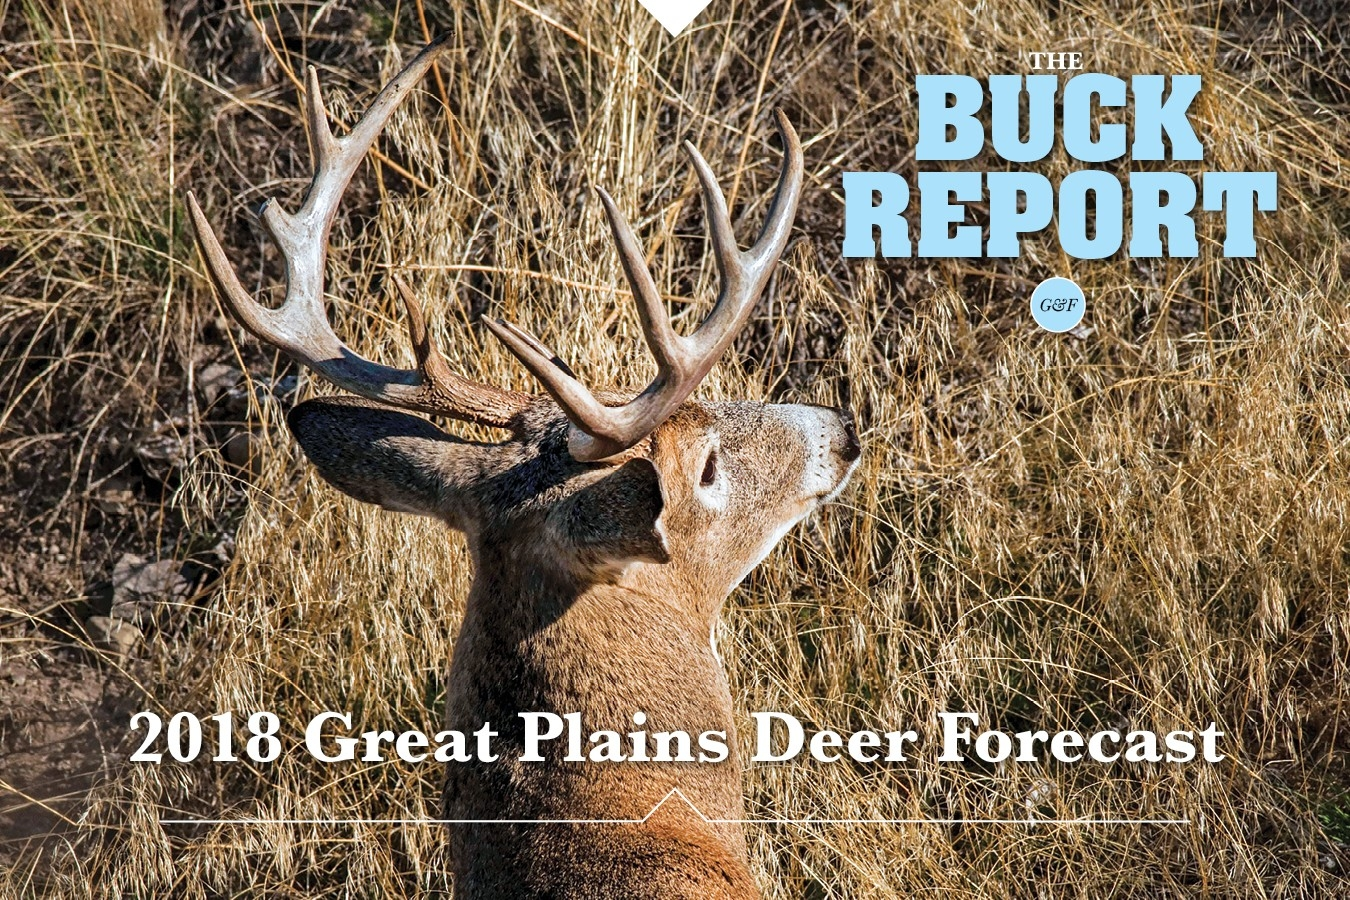 2018 Great Plains Deer Forecast  2020 Deer Hunting Forecast